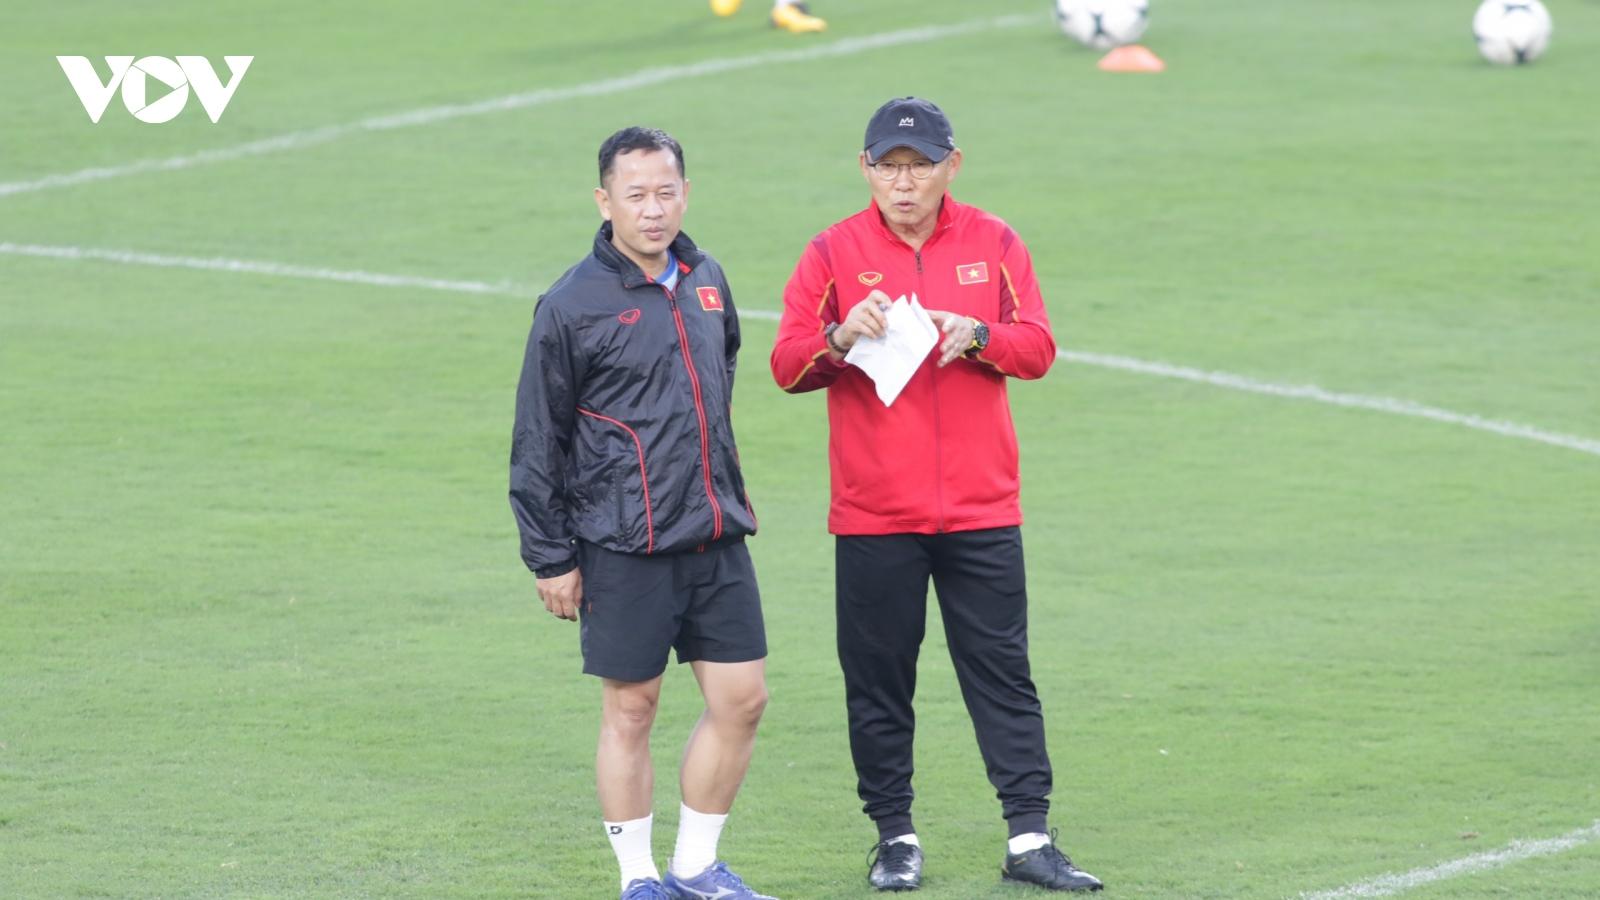 HLV Park Hang Seo: Tôi muốn có sự cạnh tranh công bằng ở ĐT Việt Nam